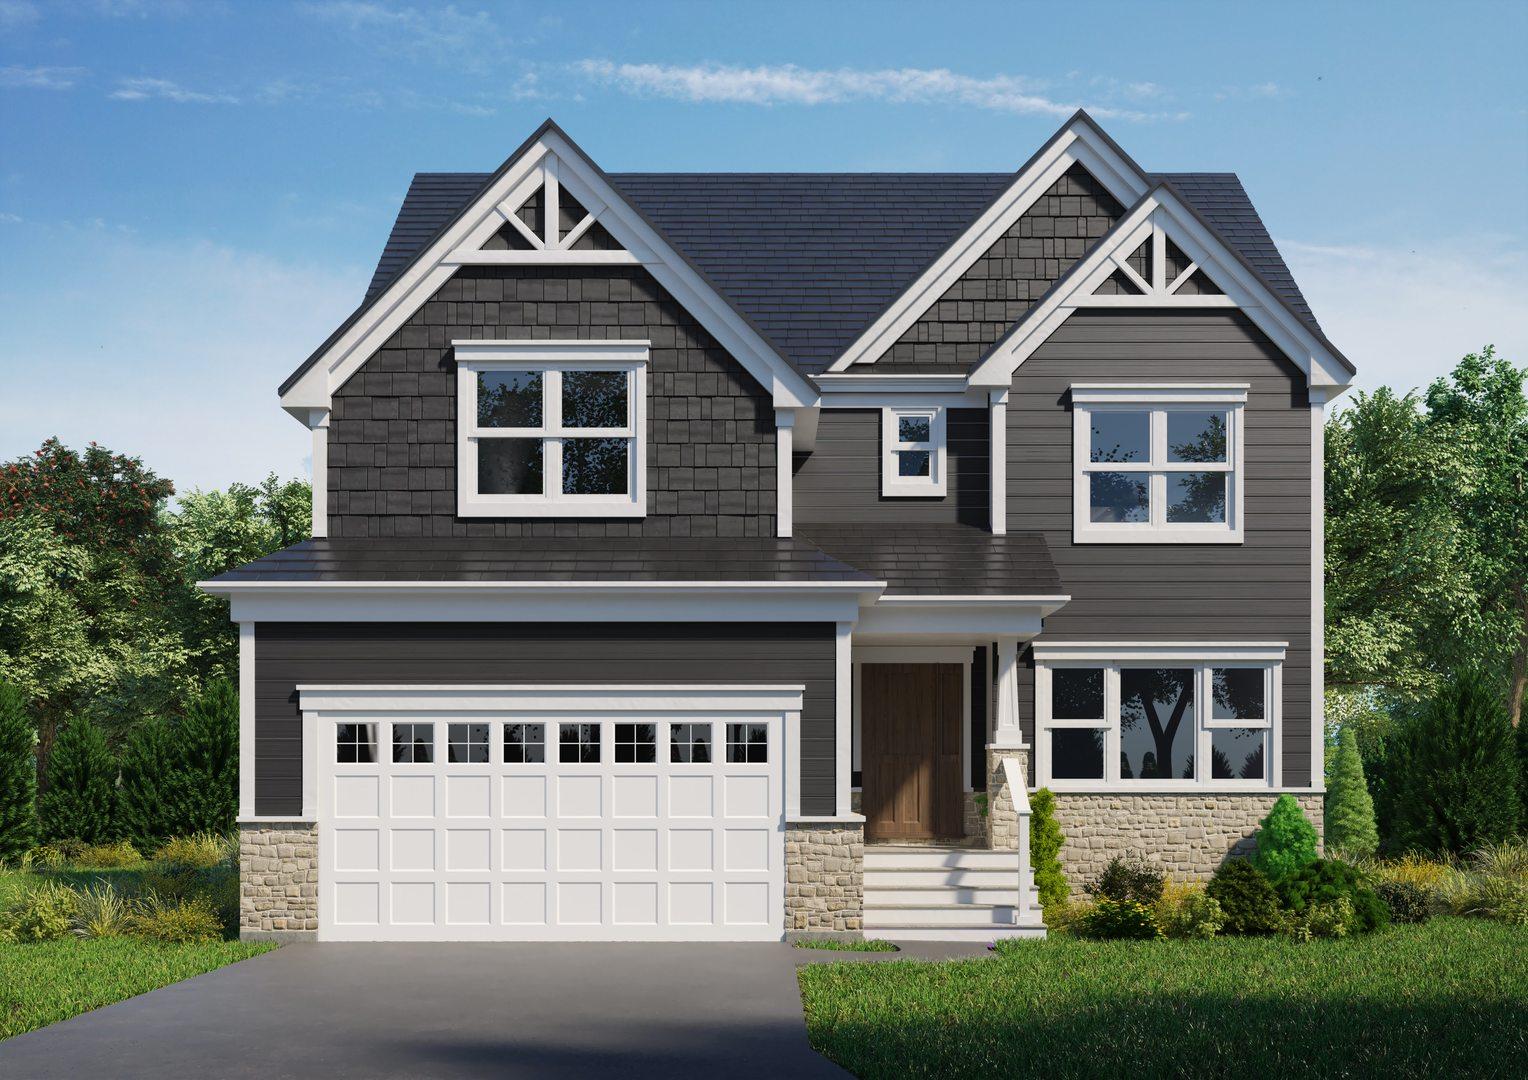 505 E Forest (Build) Avenue E, Des Plaines, IL 60018